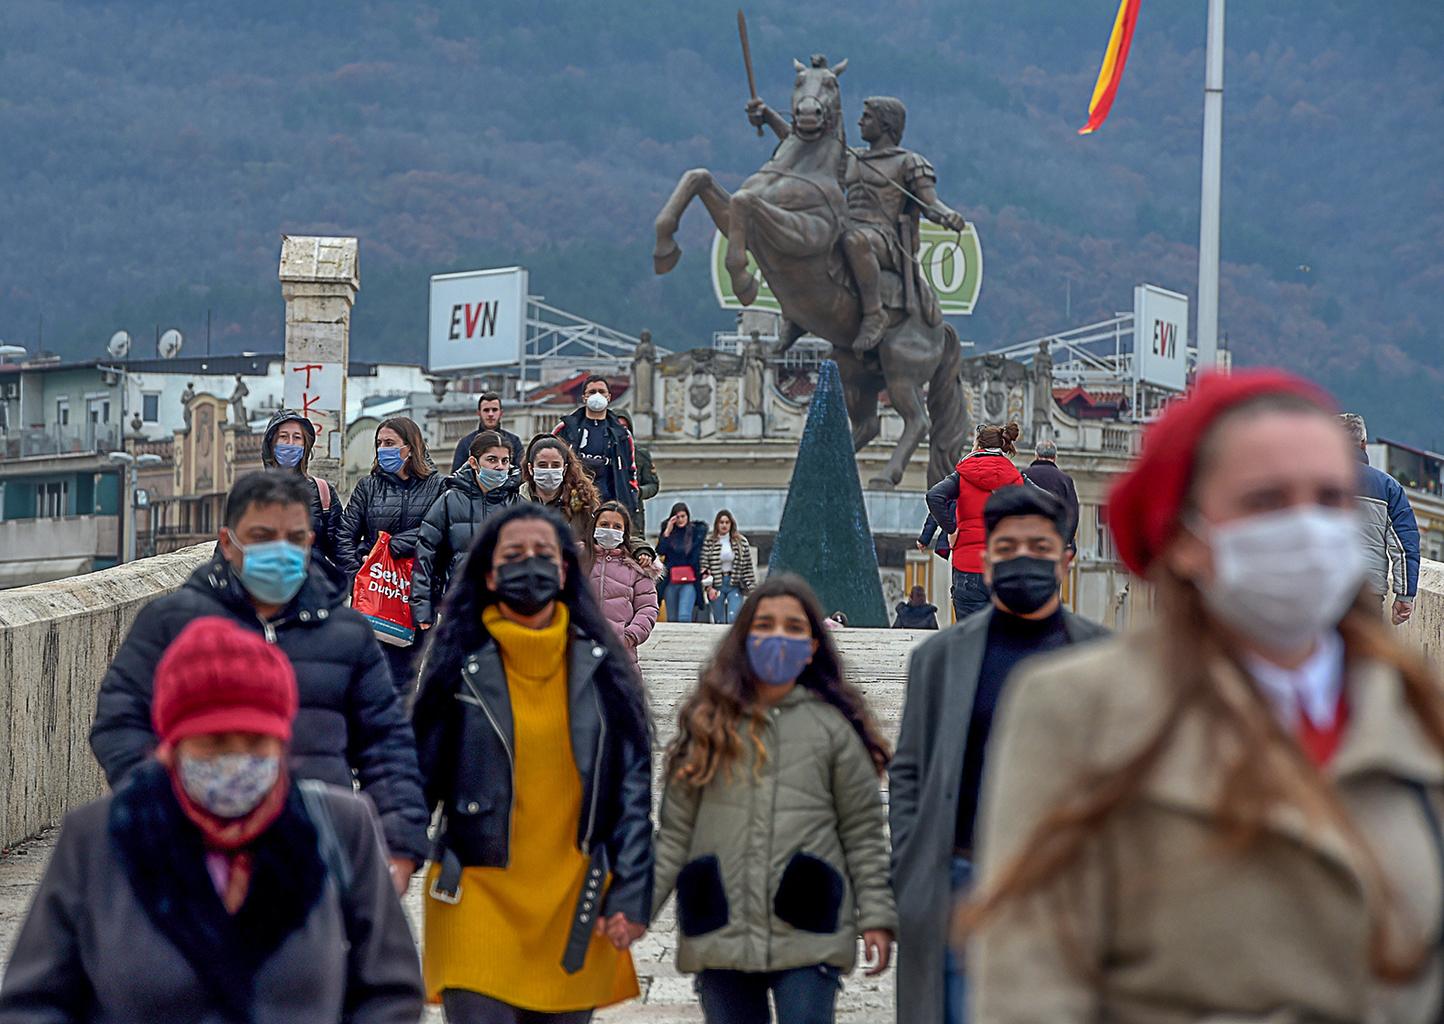 """Járókelők maszkban Szkopjéban 2020 decemberében. """"A veszély azonban, függetlenül a veszélyérzet csökkenésétől, nem múlt el"""" #moszkvater"""